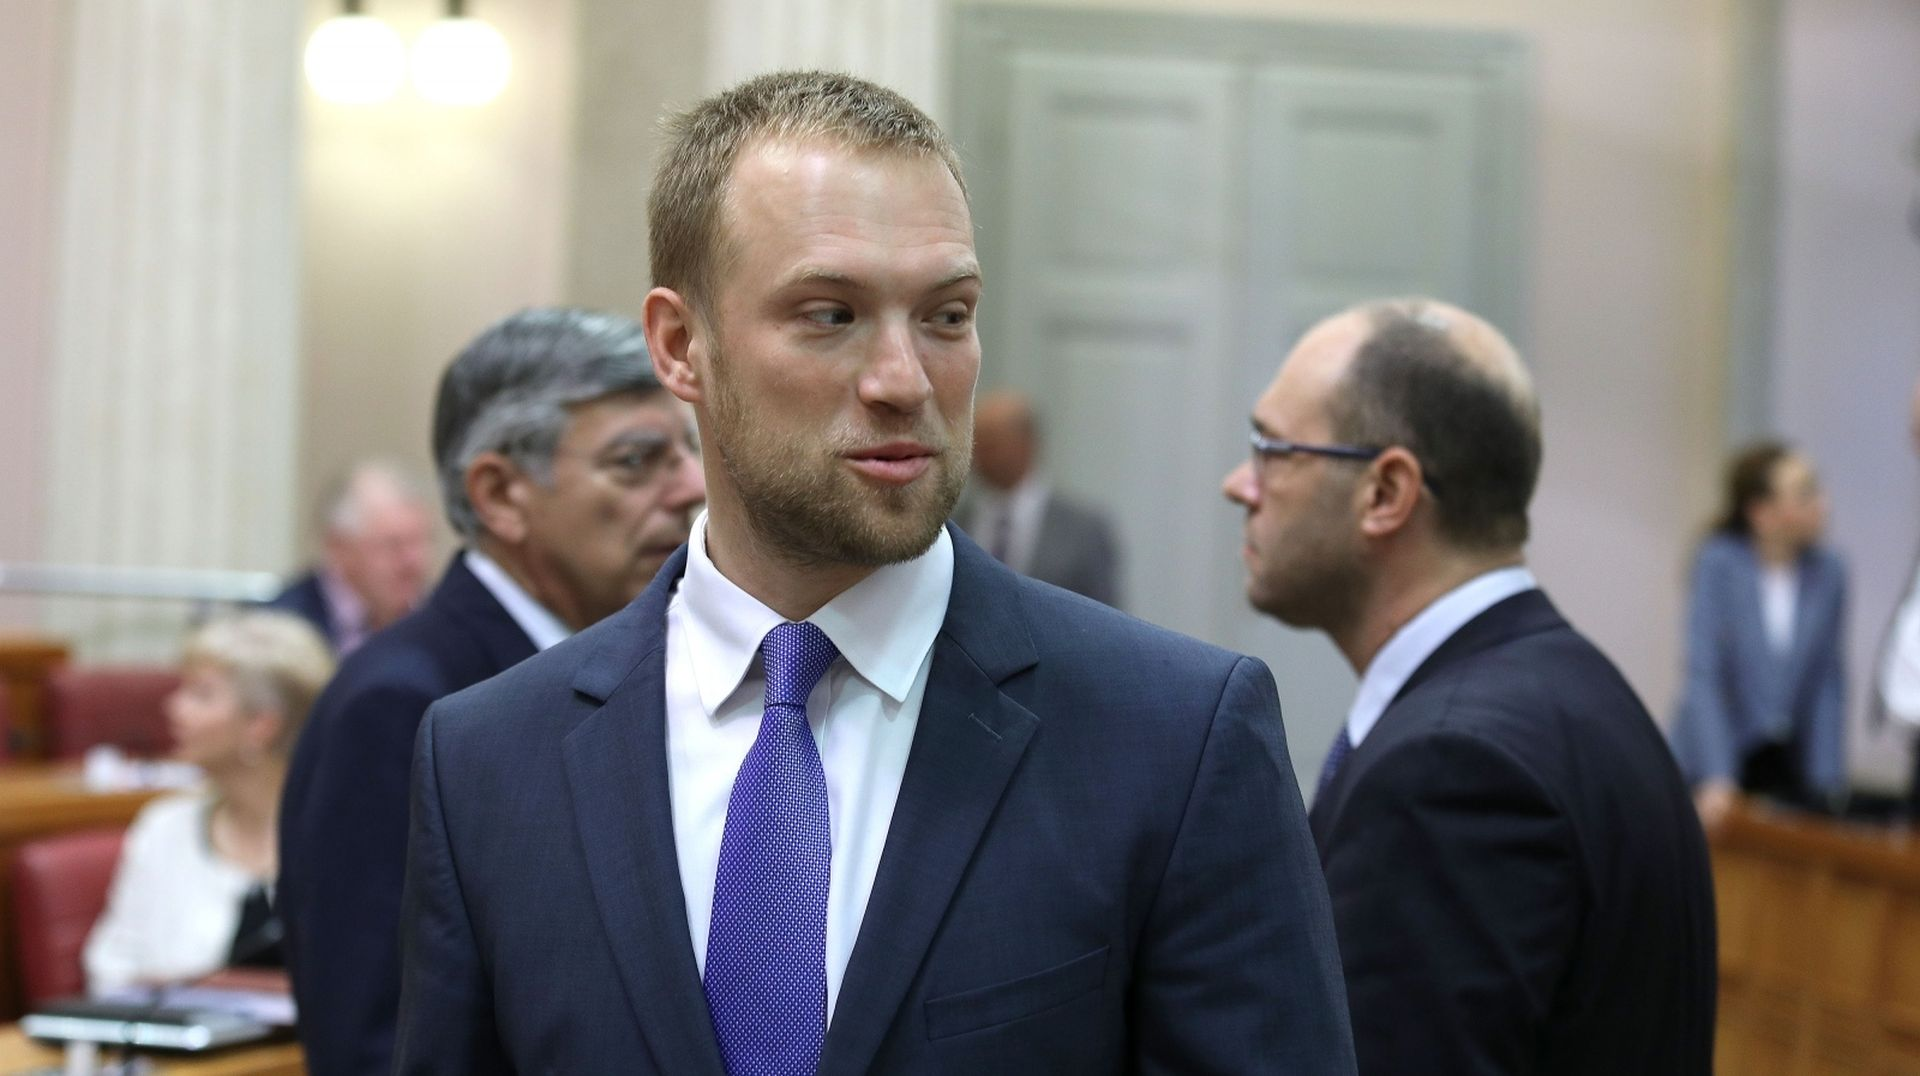 Sud u srijedu ponovno razmatra optužnicu protiv Sauche i Zeljko